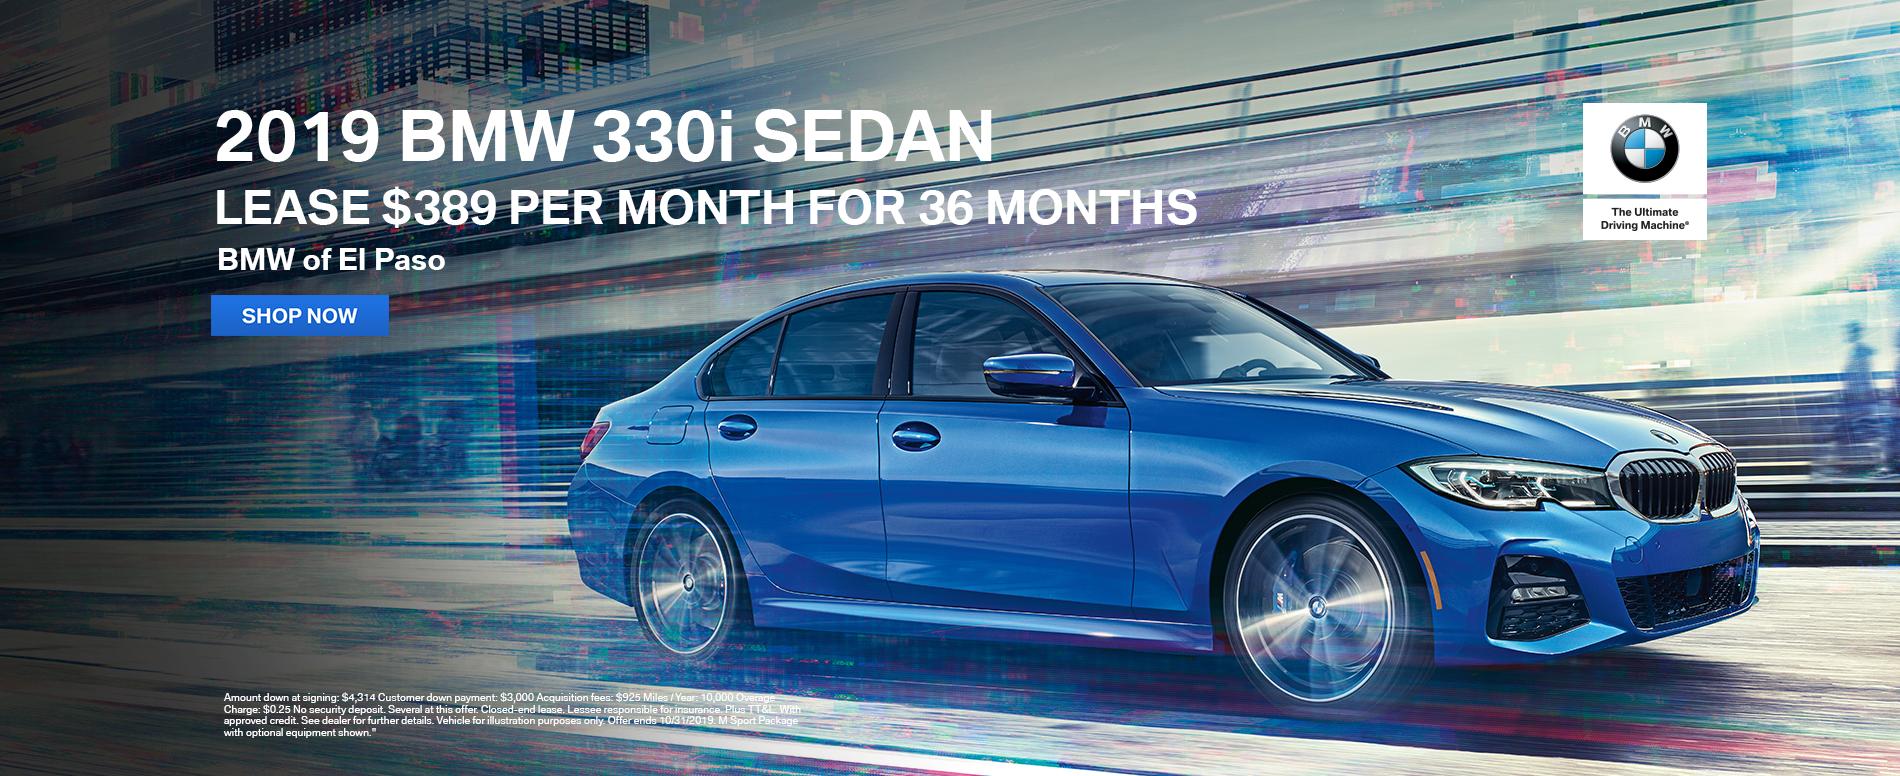 2019_BMW_El_Paso_330i_Sedan_Lease_Offer